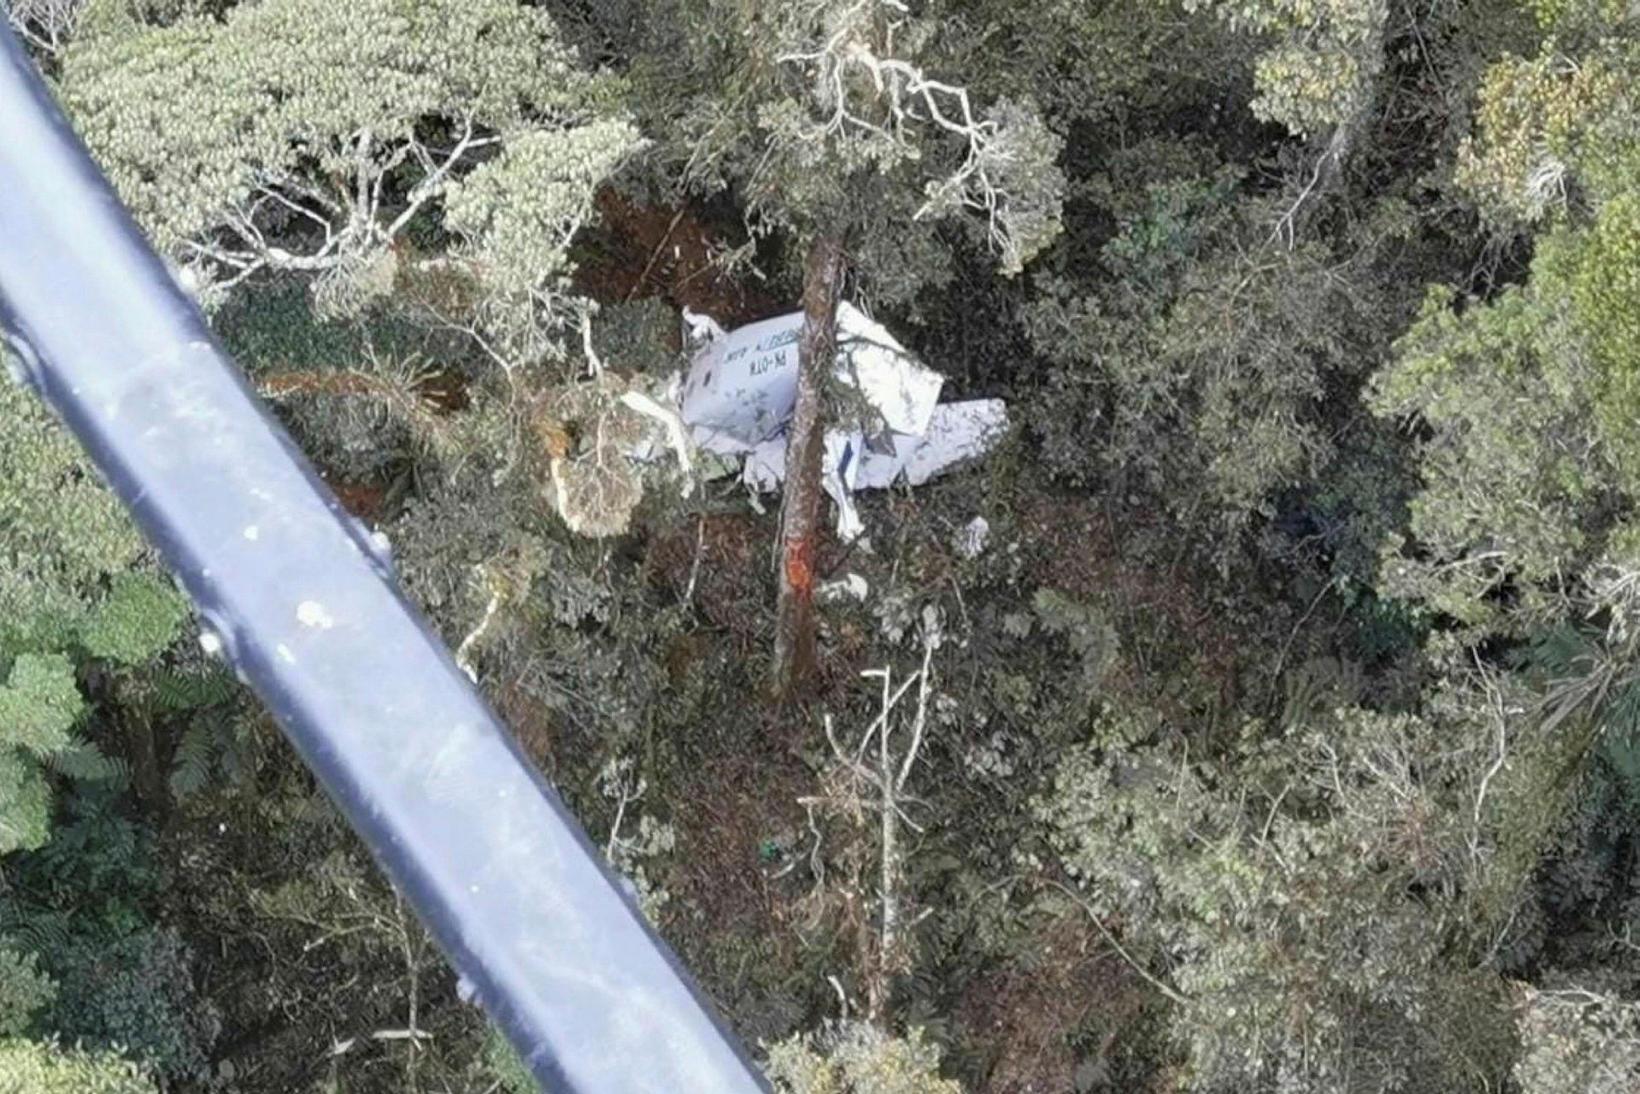 Flugvélin brotlenti í frumskógi í Papua-héraði.